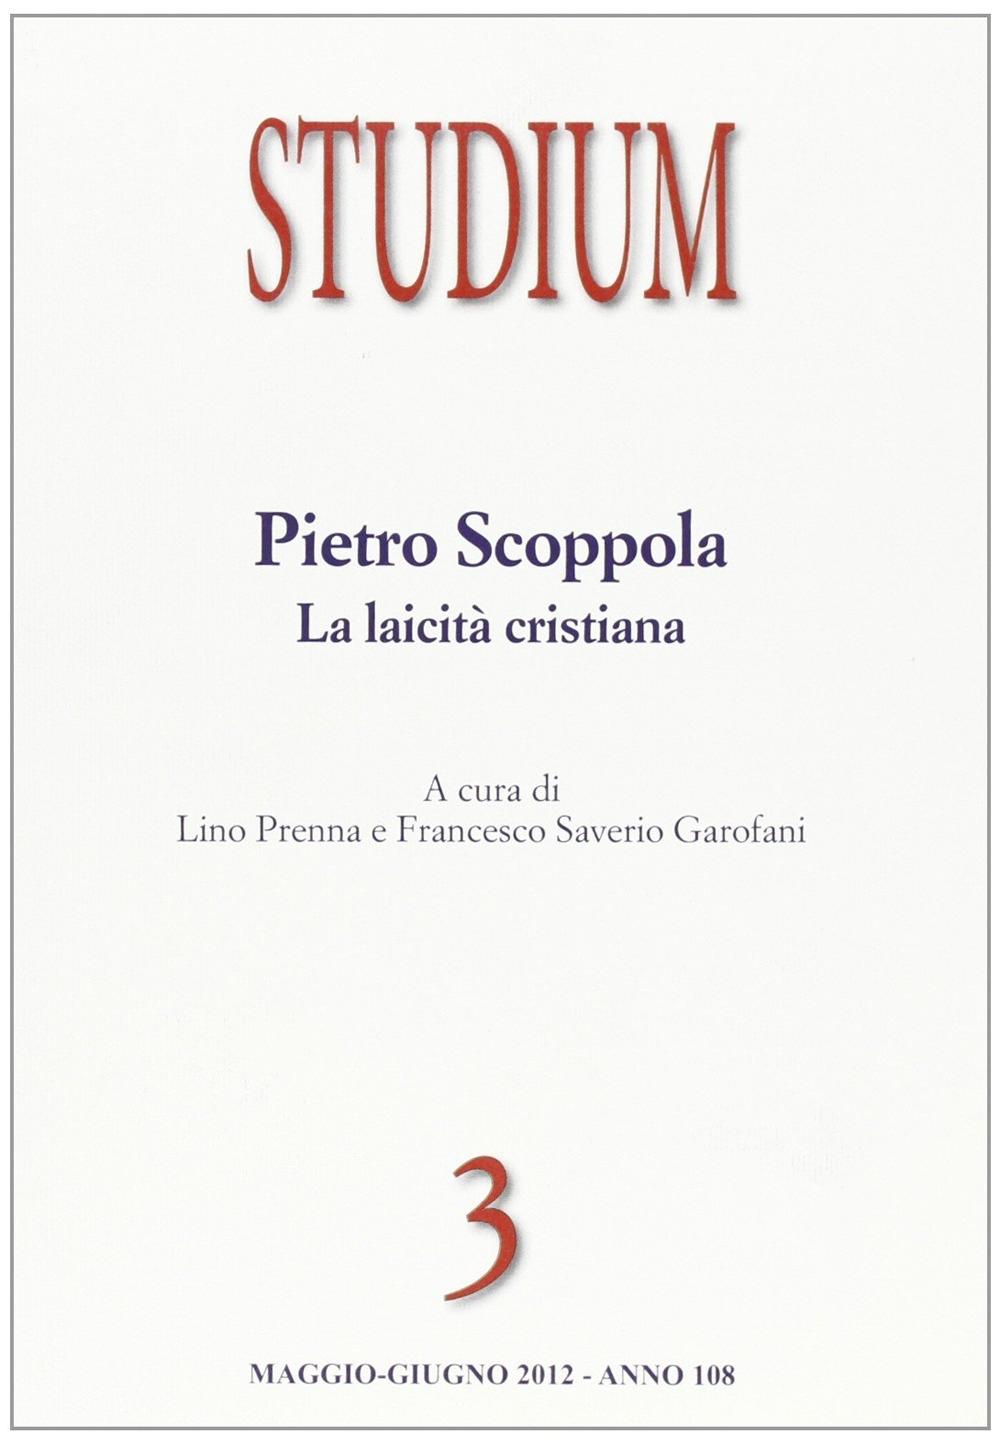 Studium (2012). Vol. 3: Pietro Scoppola. La laicità cristiana